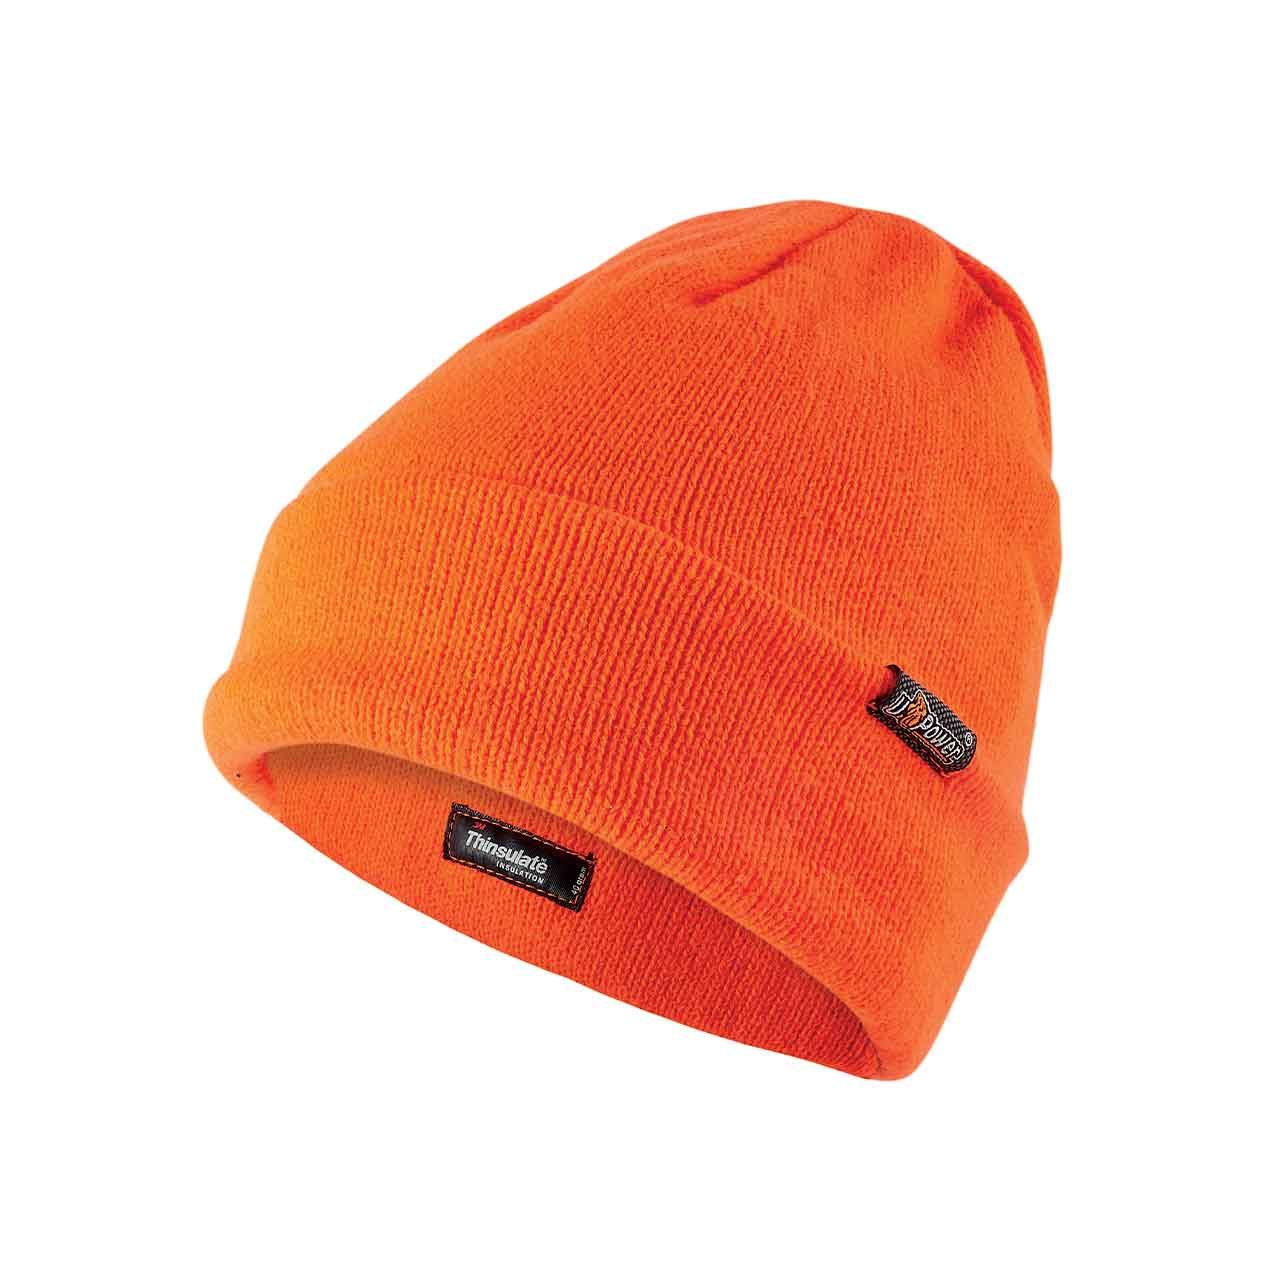 berretto invernale da lavoro upower colore orange fluo